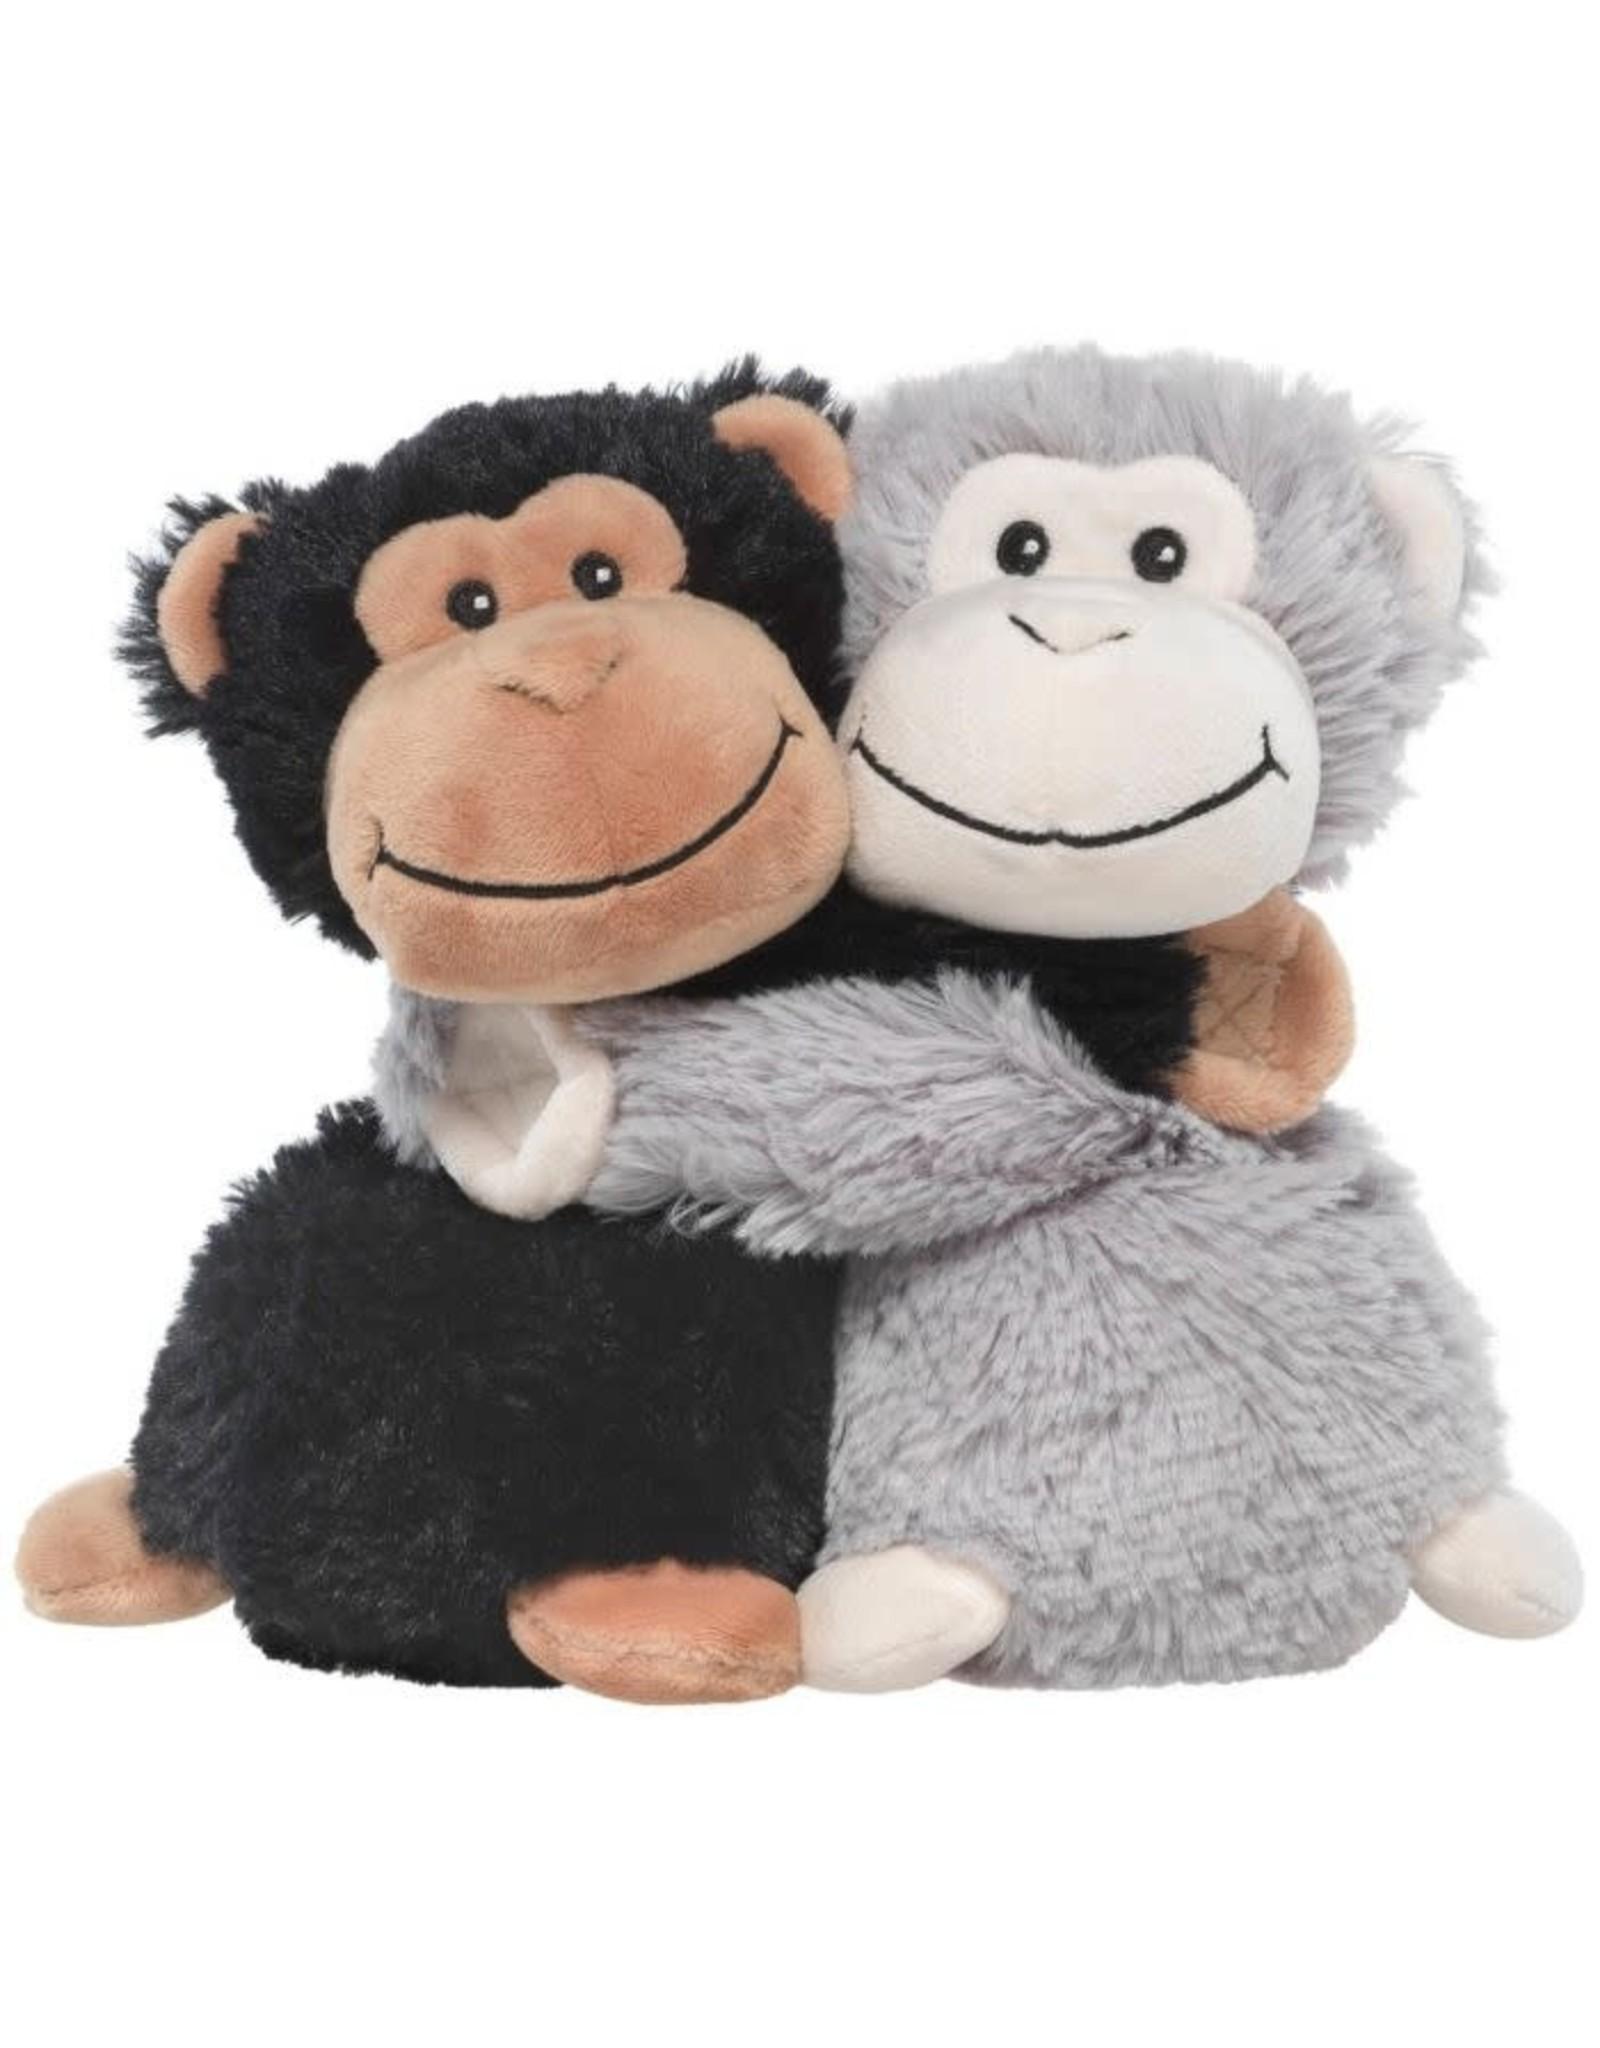 Warmie - Hugs